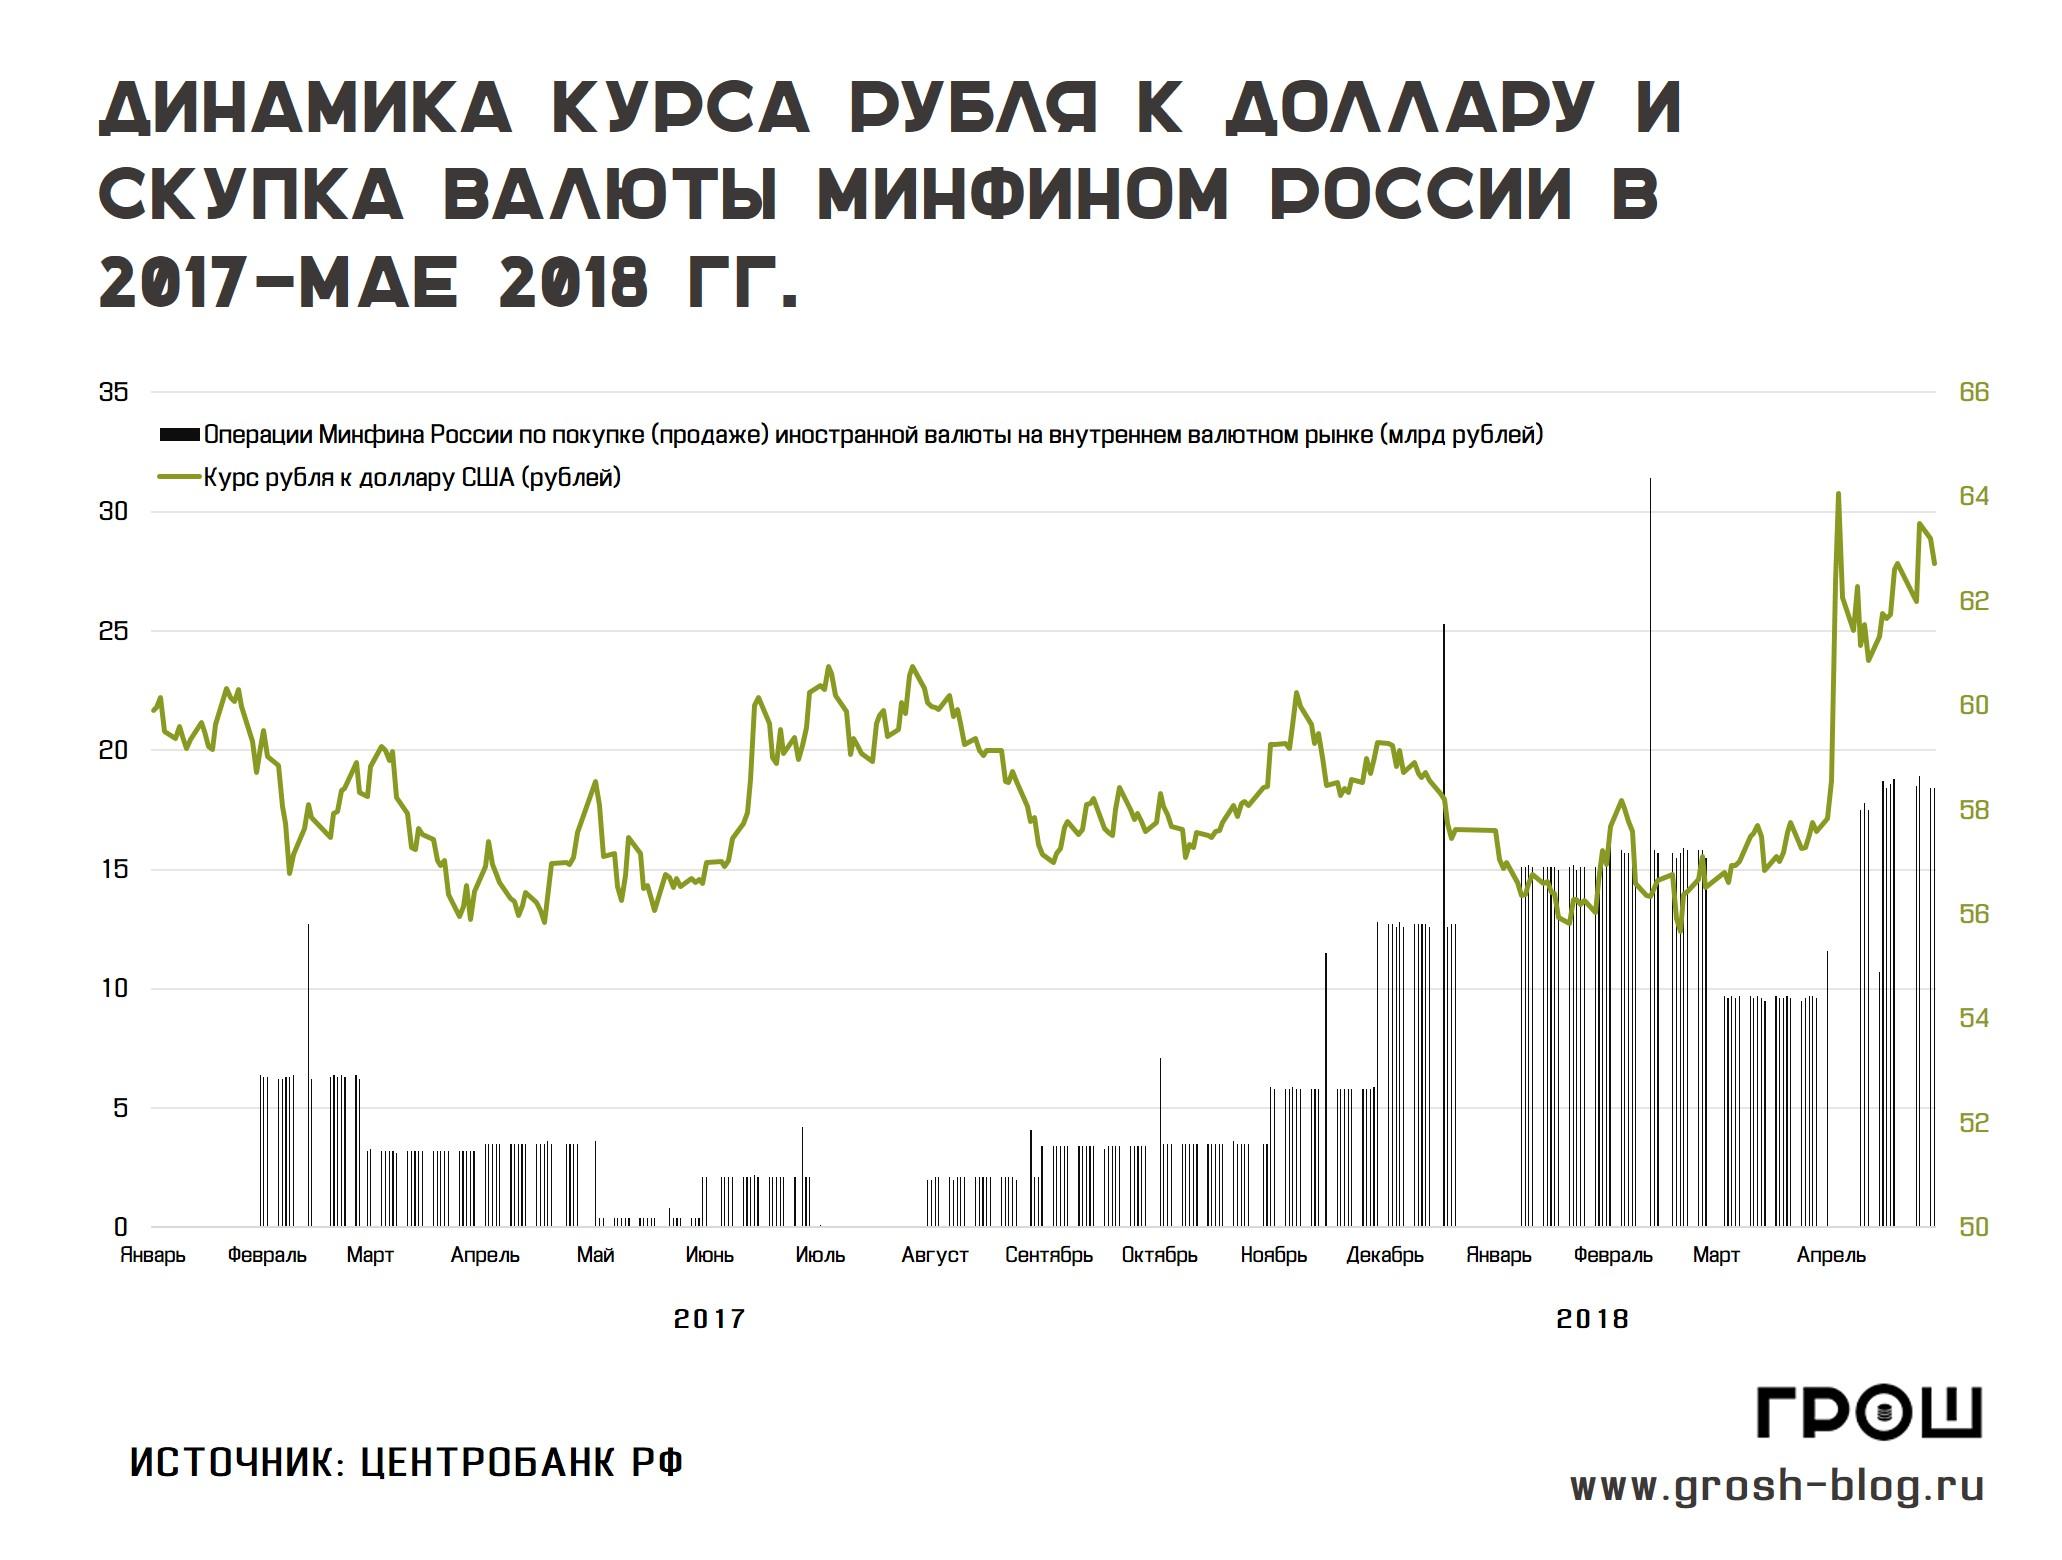 покупка валюты минфином рф http://grosh-blog.ru